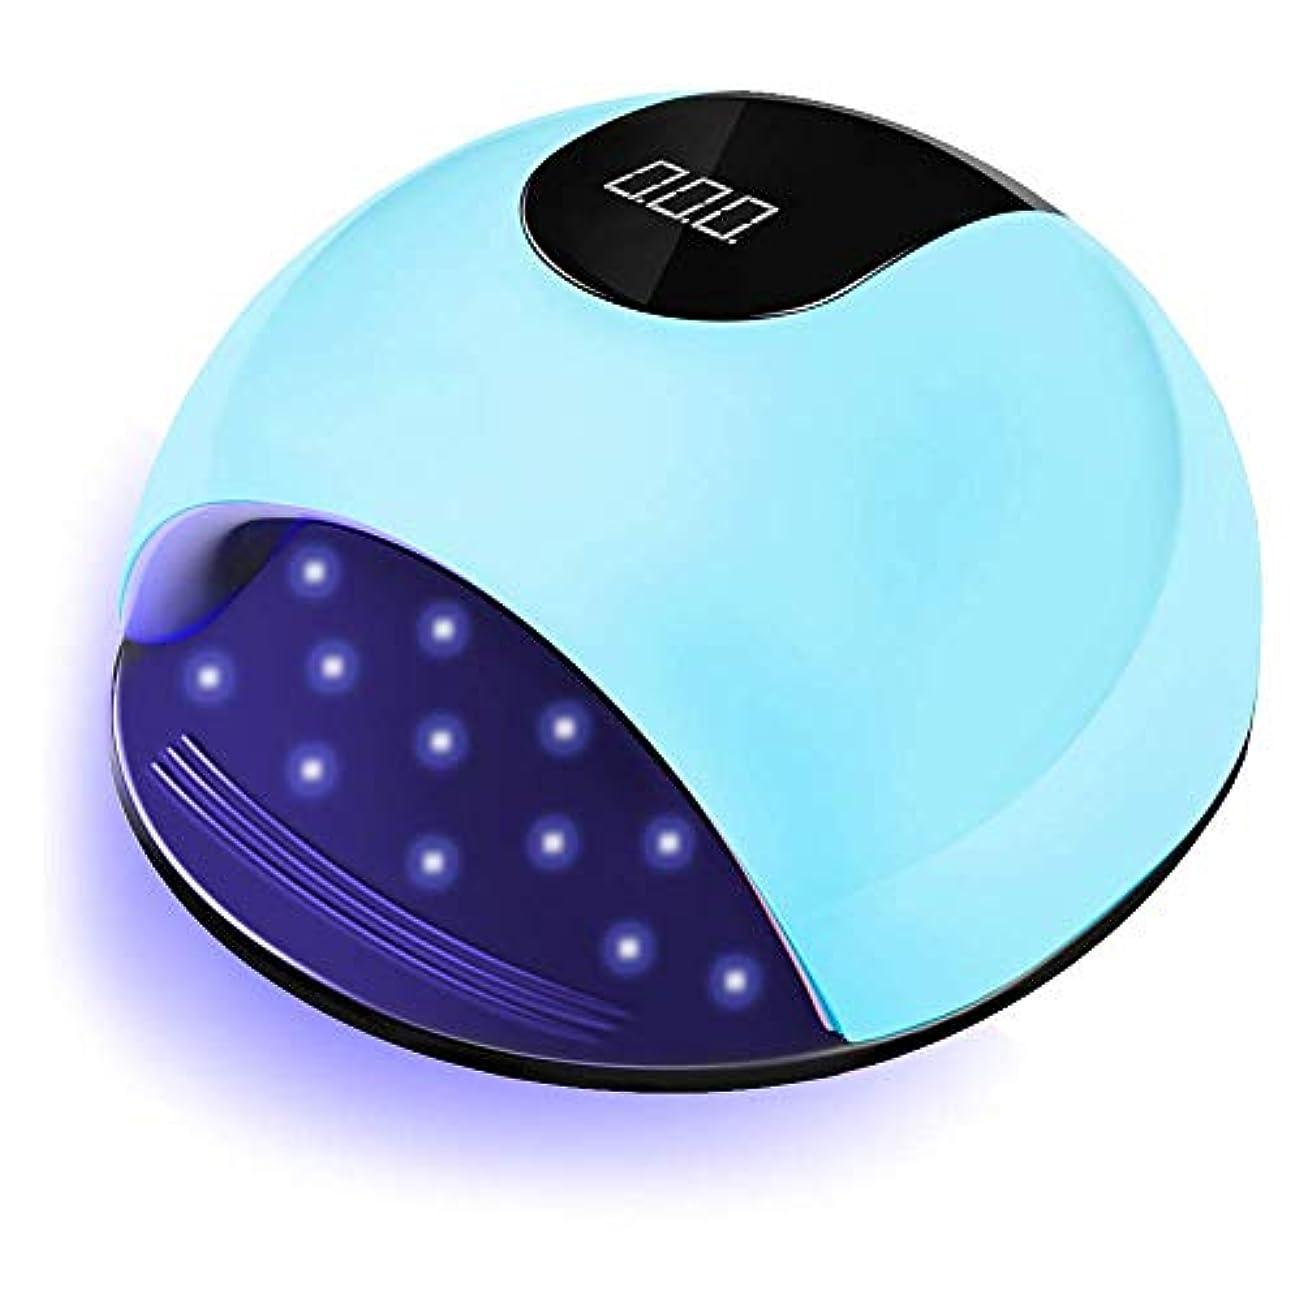 自治クライアント安全でないUVネイルランプ、ジェルネイル用80W LED UVライト、36個のUVランプビーズと赤外線自動センサーを備えた高速ネイルドライヤー、ジェルネイルポリッシュに適した、爪と爪のポリッシュアート用の大きなスペース(青)